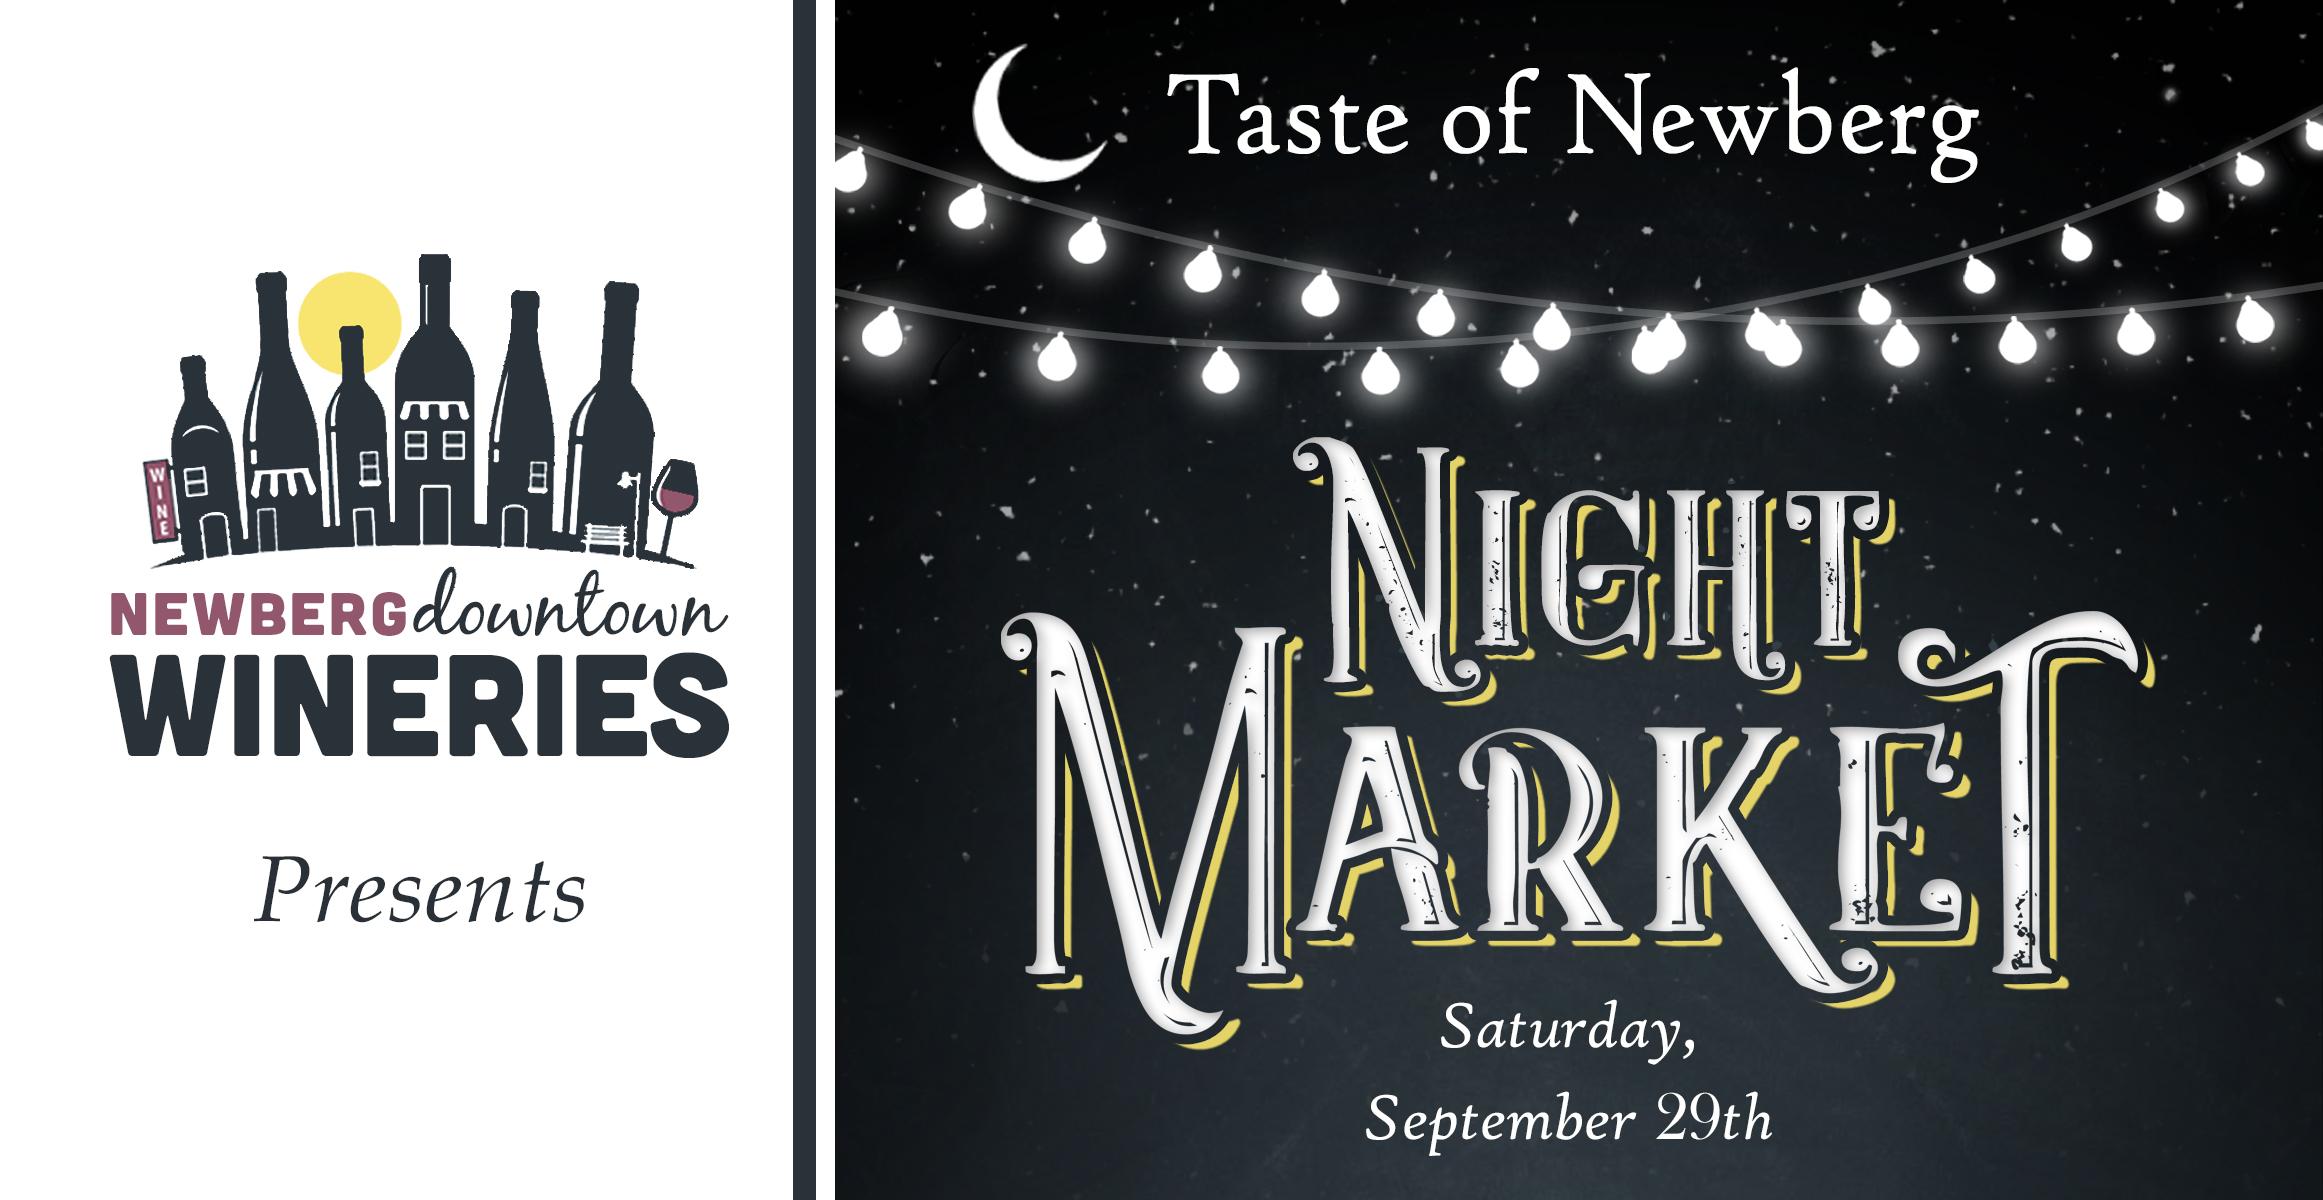 NDW Taste of Newberg - Night Market - Banner.jpg